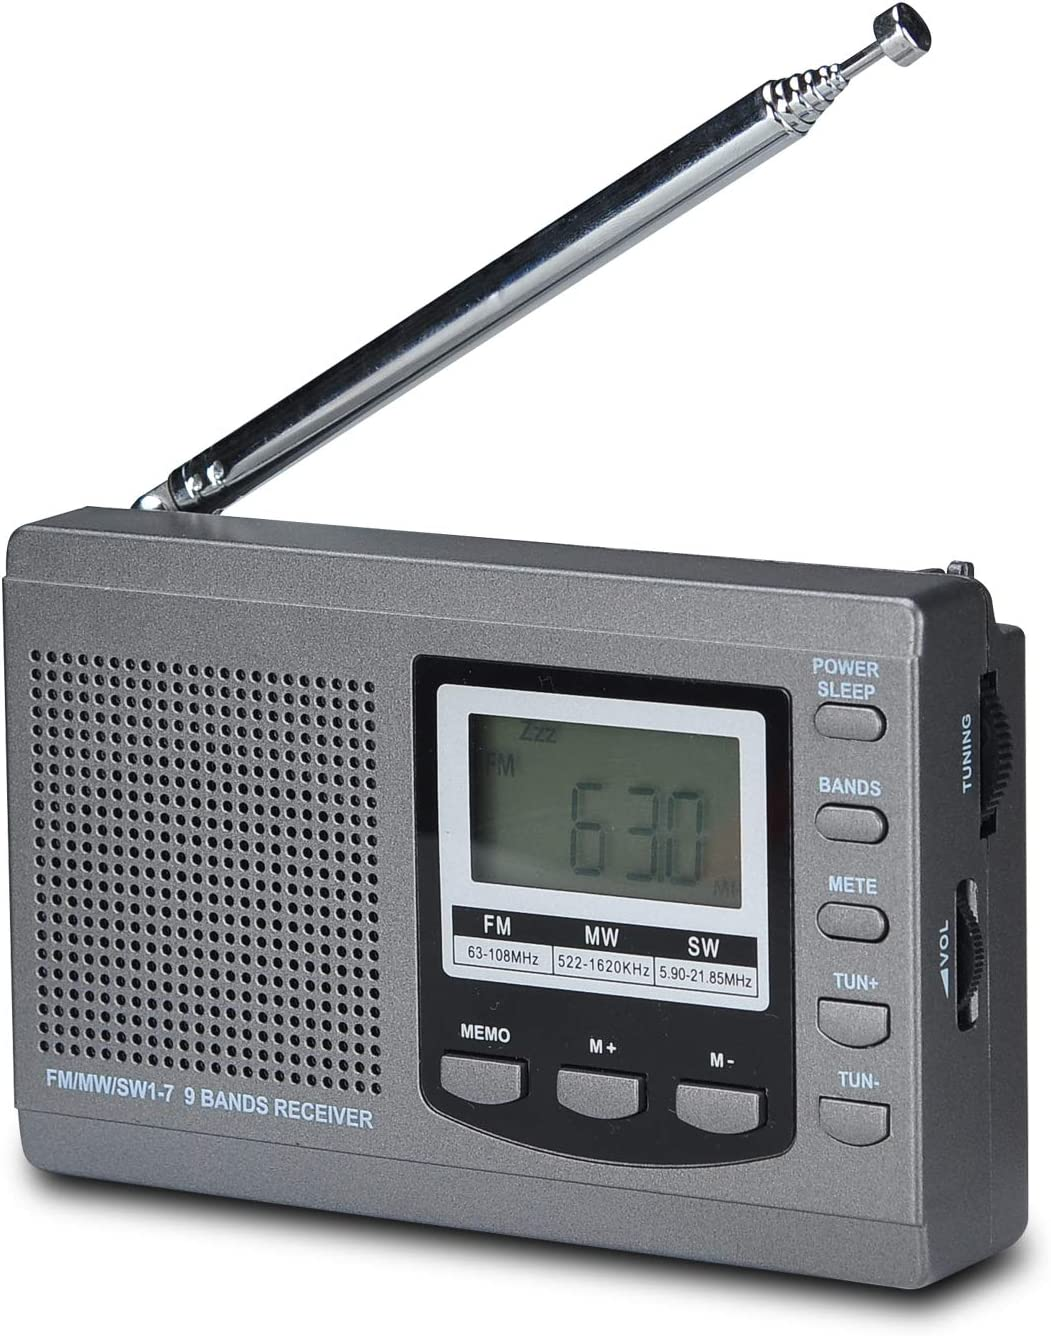 Songway Banda Completa Am/FM/SW DSP Radio Altavoz estéreo Pantalla LCD Reloj Despertador Temporizador de sueño Radio de Bolsillo Demodulación Digital La Mejor recepción con Antena telescópica (Grey): Amazon.es: Electrónica